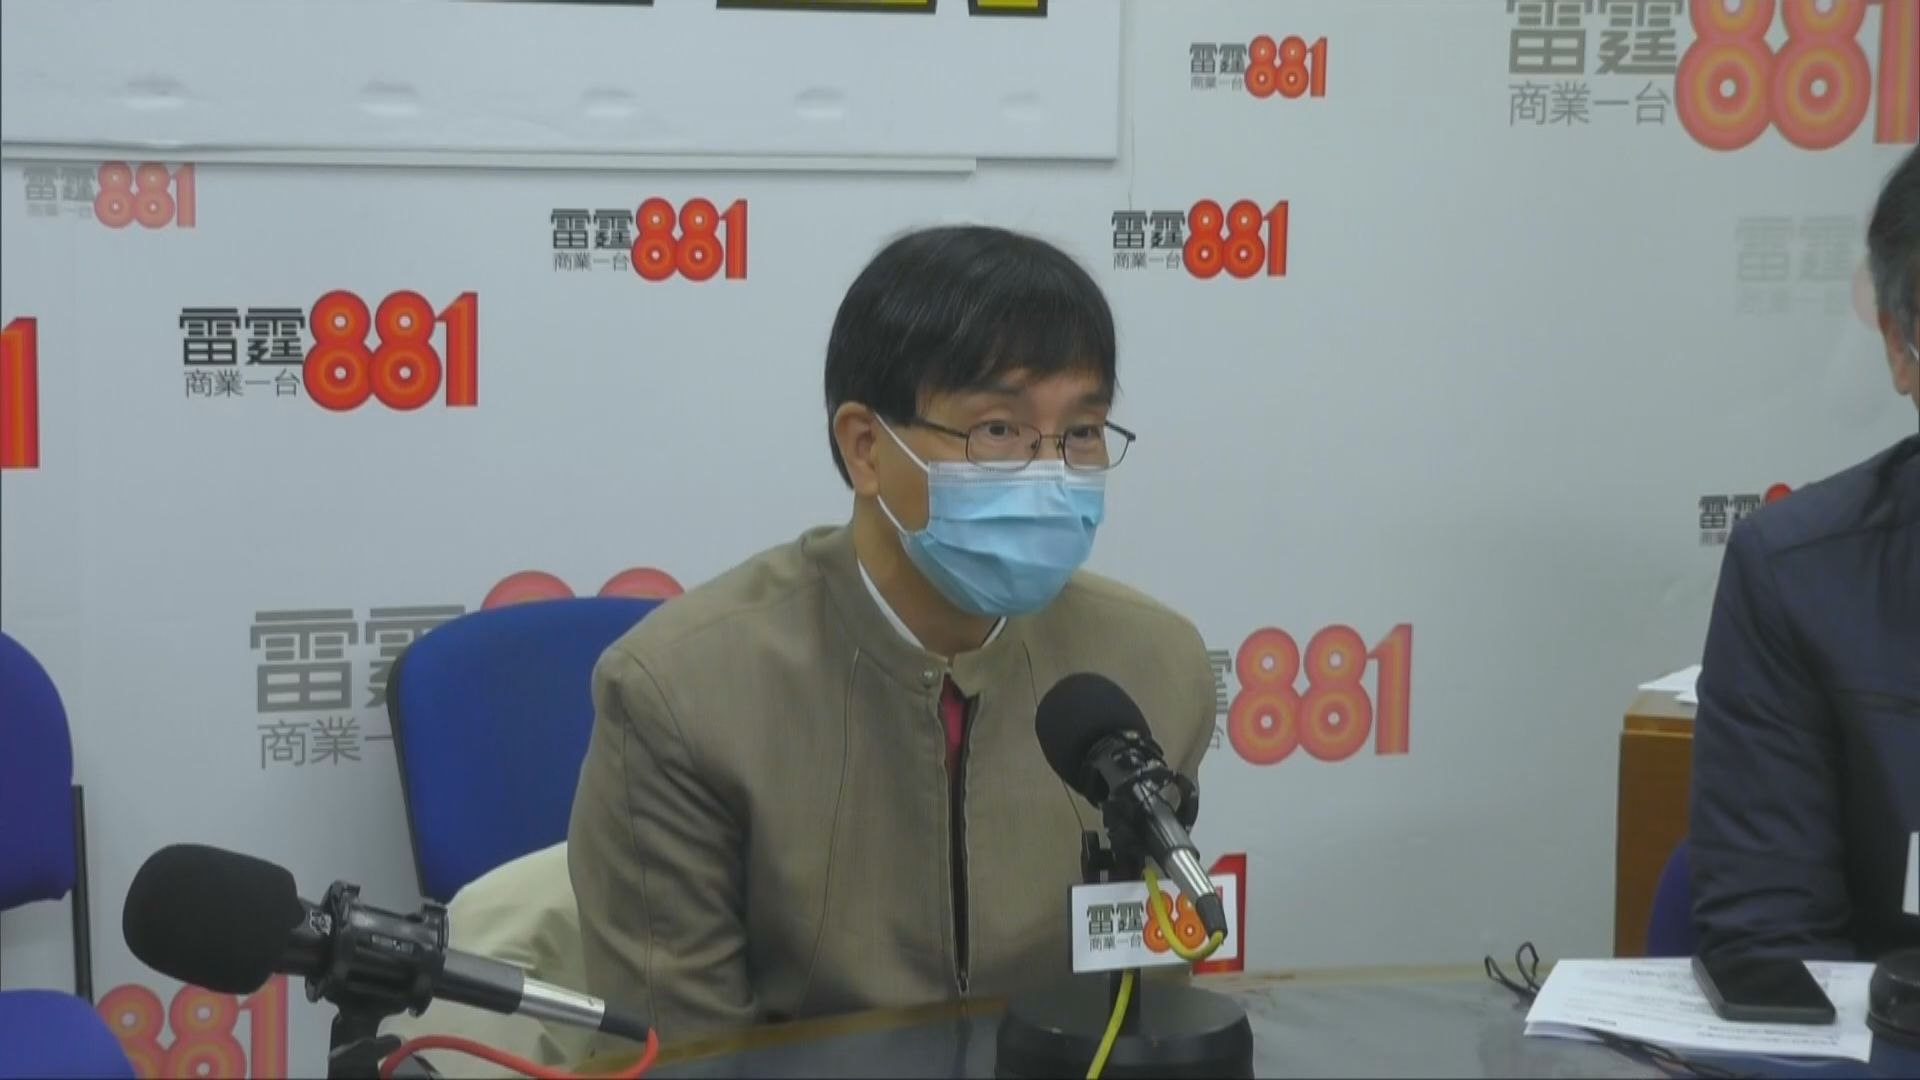 袁國勇:疫情或會循環直至疫苗出現